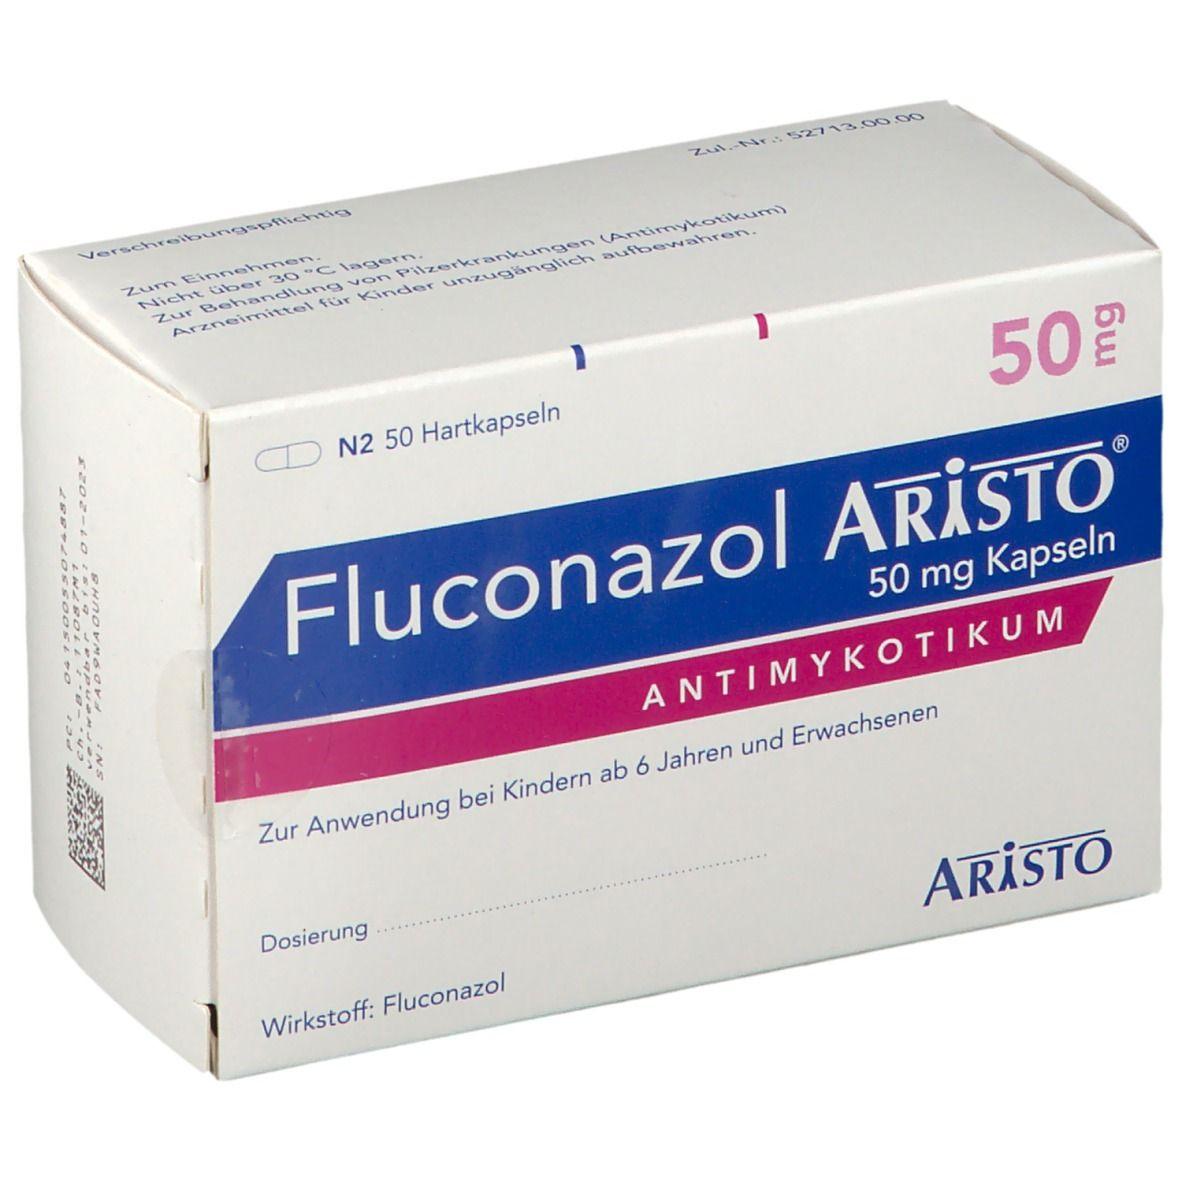 FLUCONAZOL ARISTO 50MG